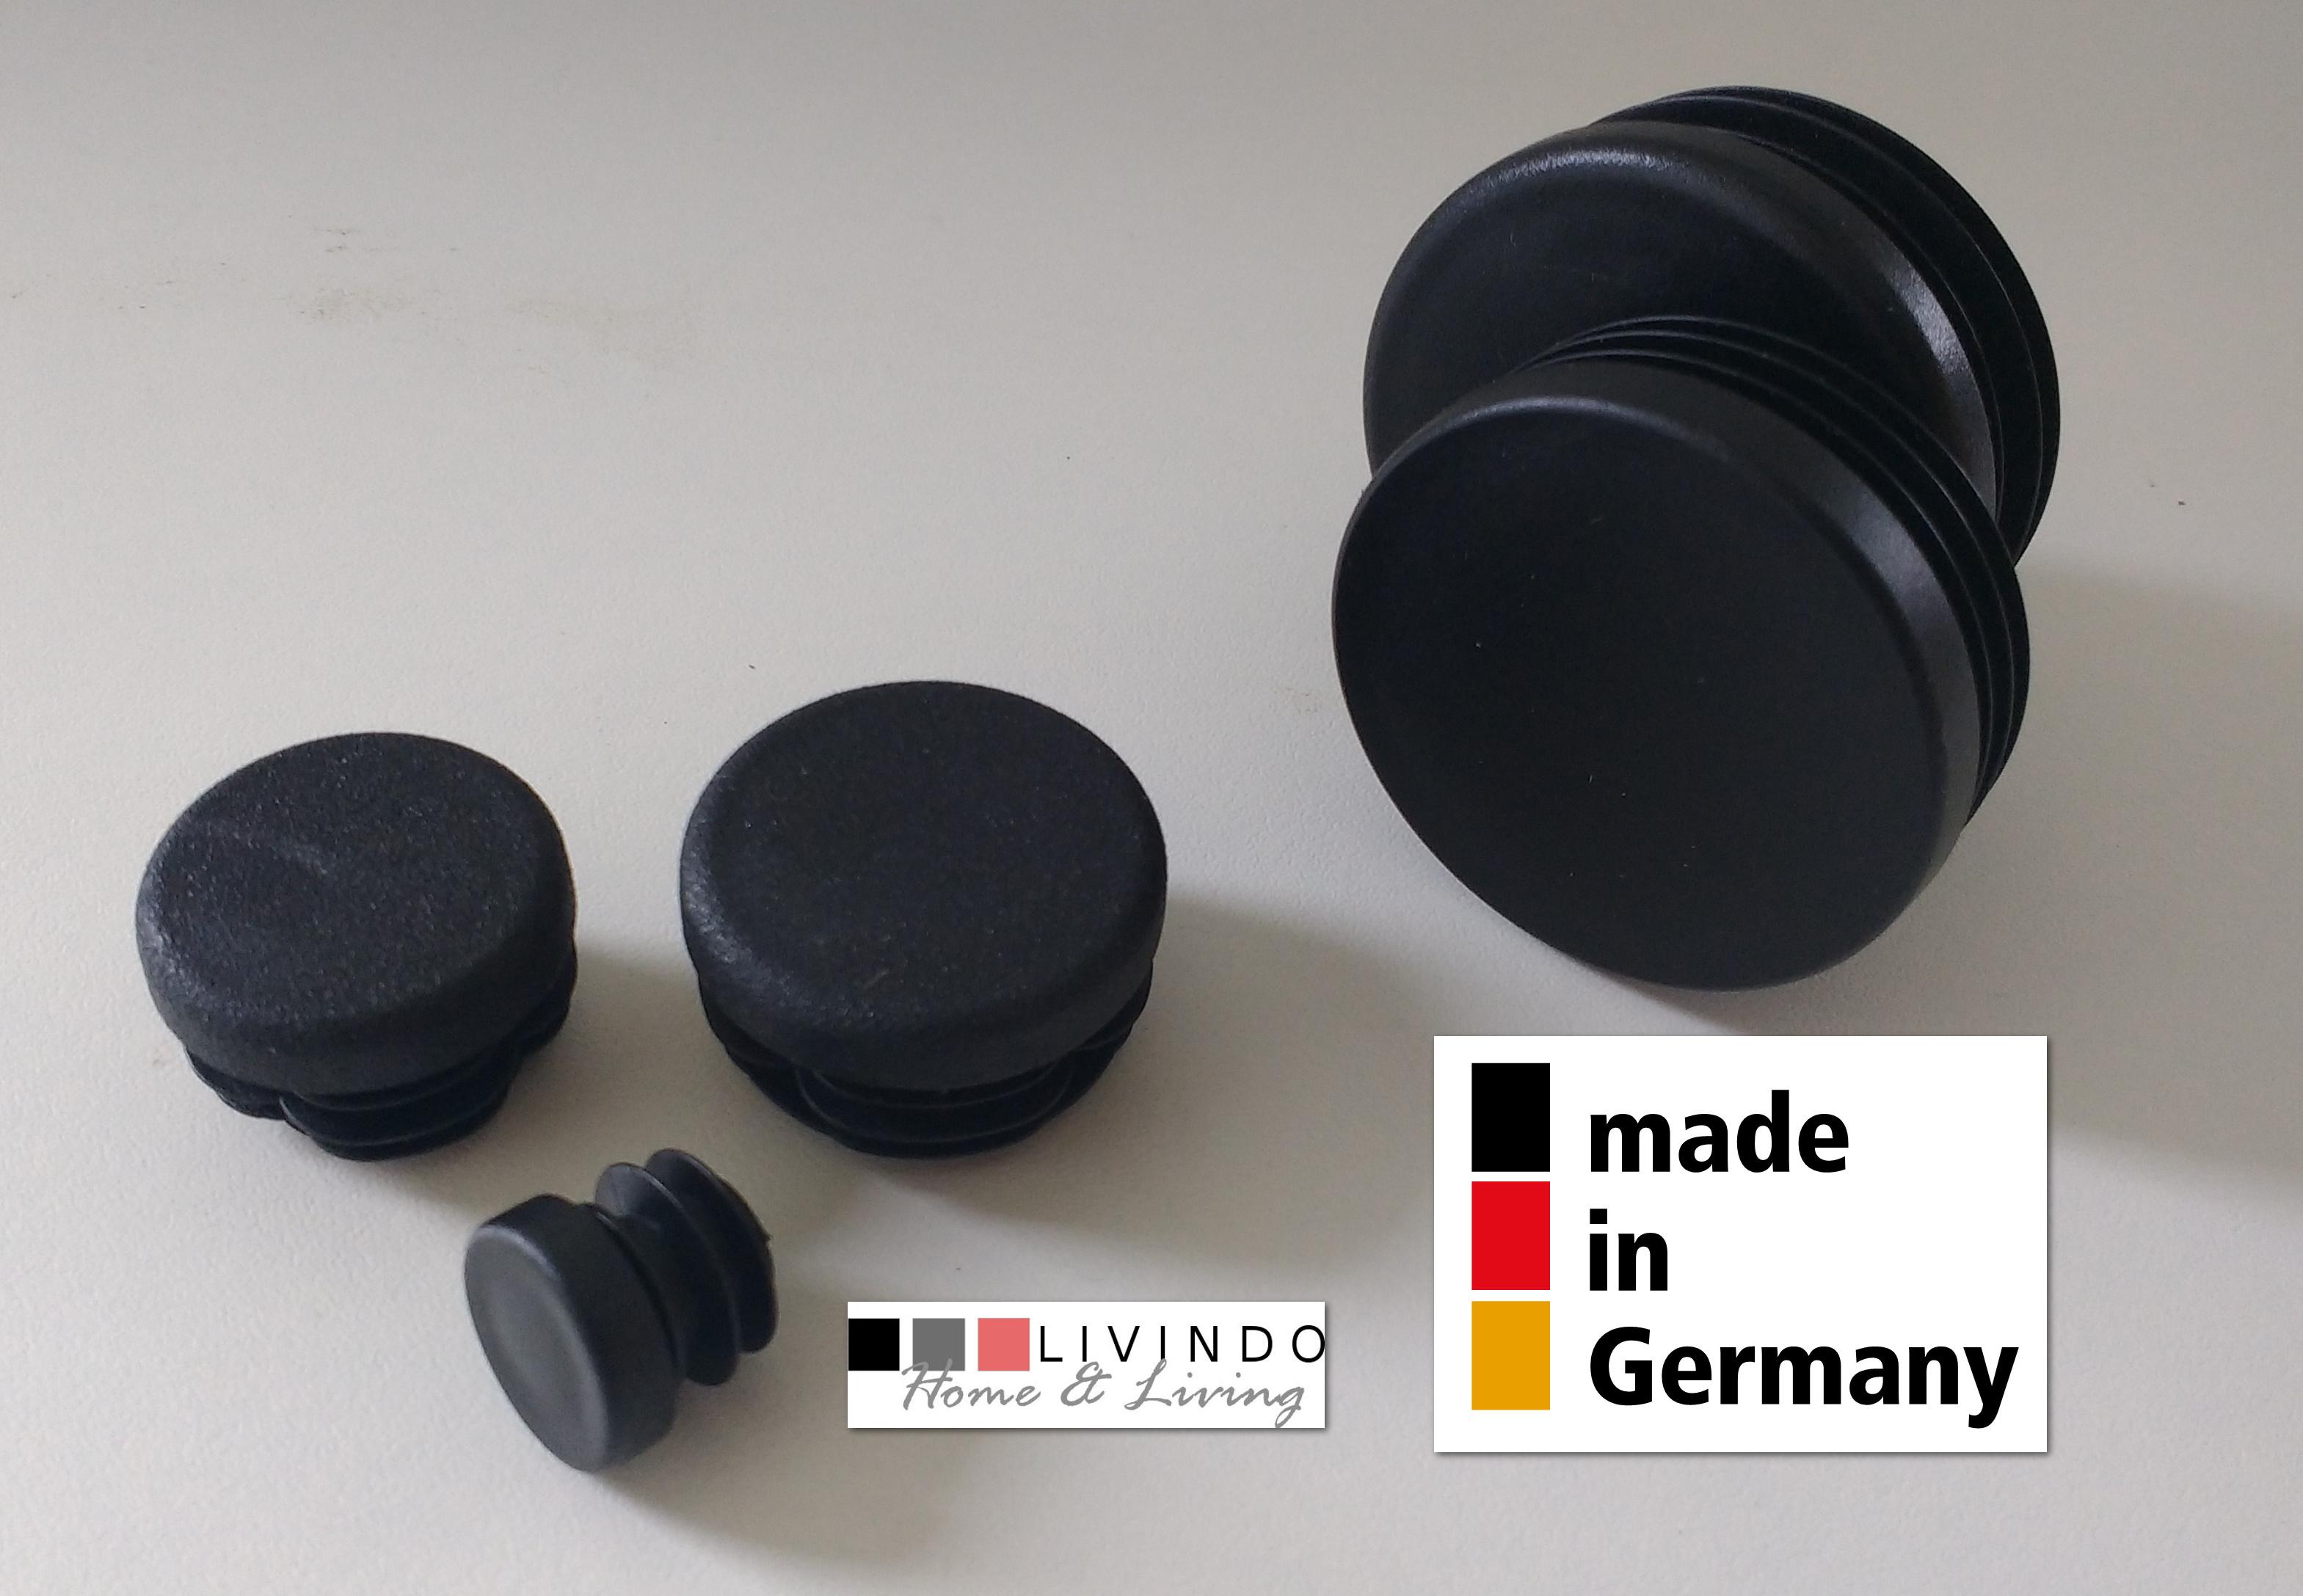 10 Stck. Lamellenstopfen Rohrstopfen Pfostenkappen Rund 20 mm Schwarz